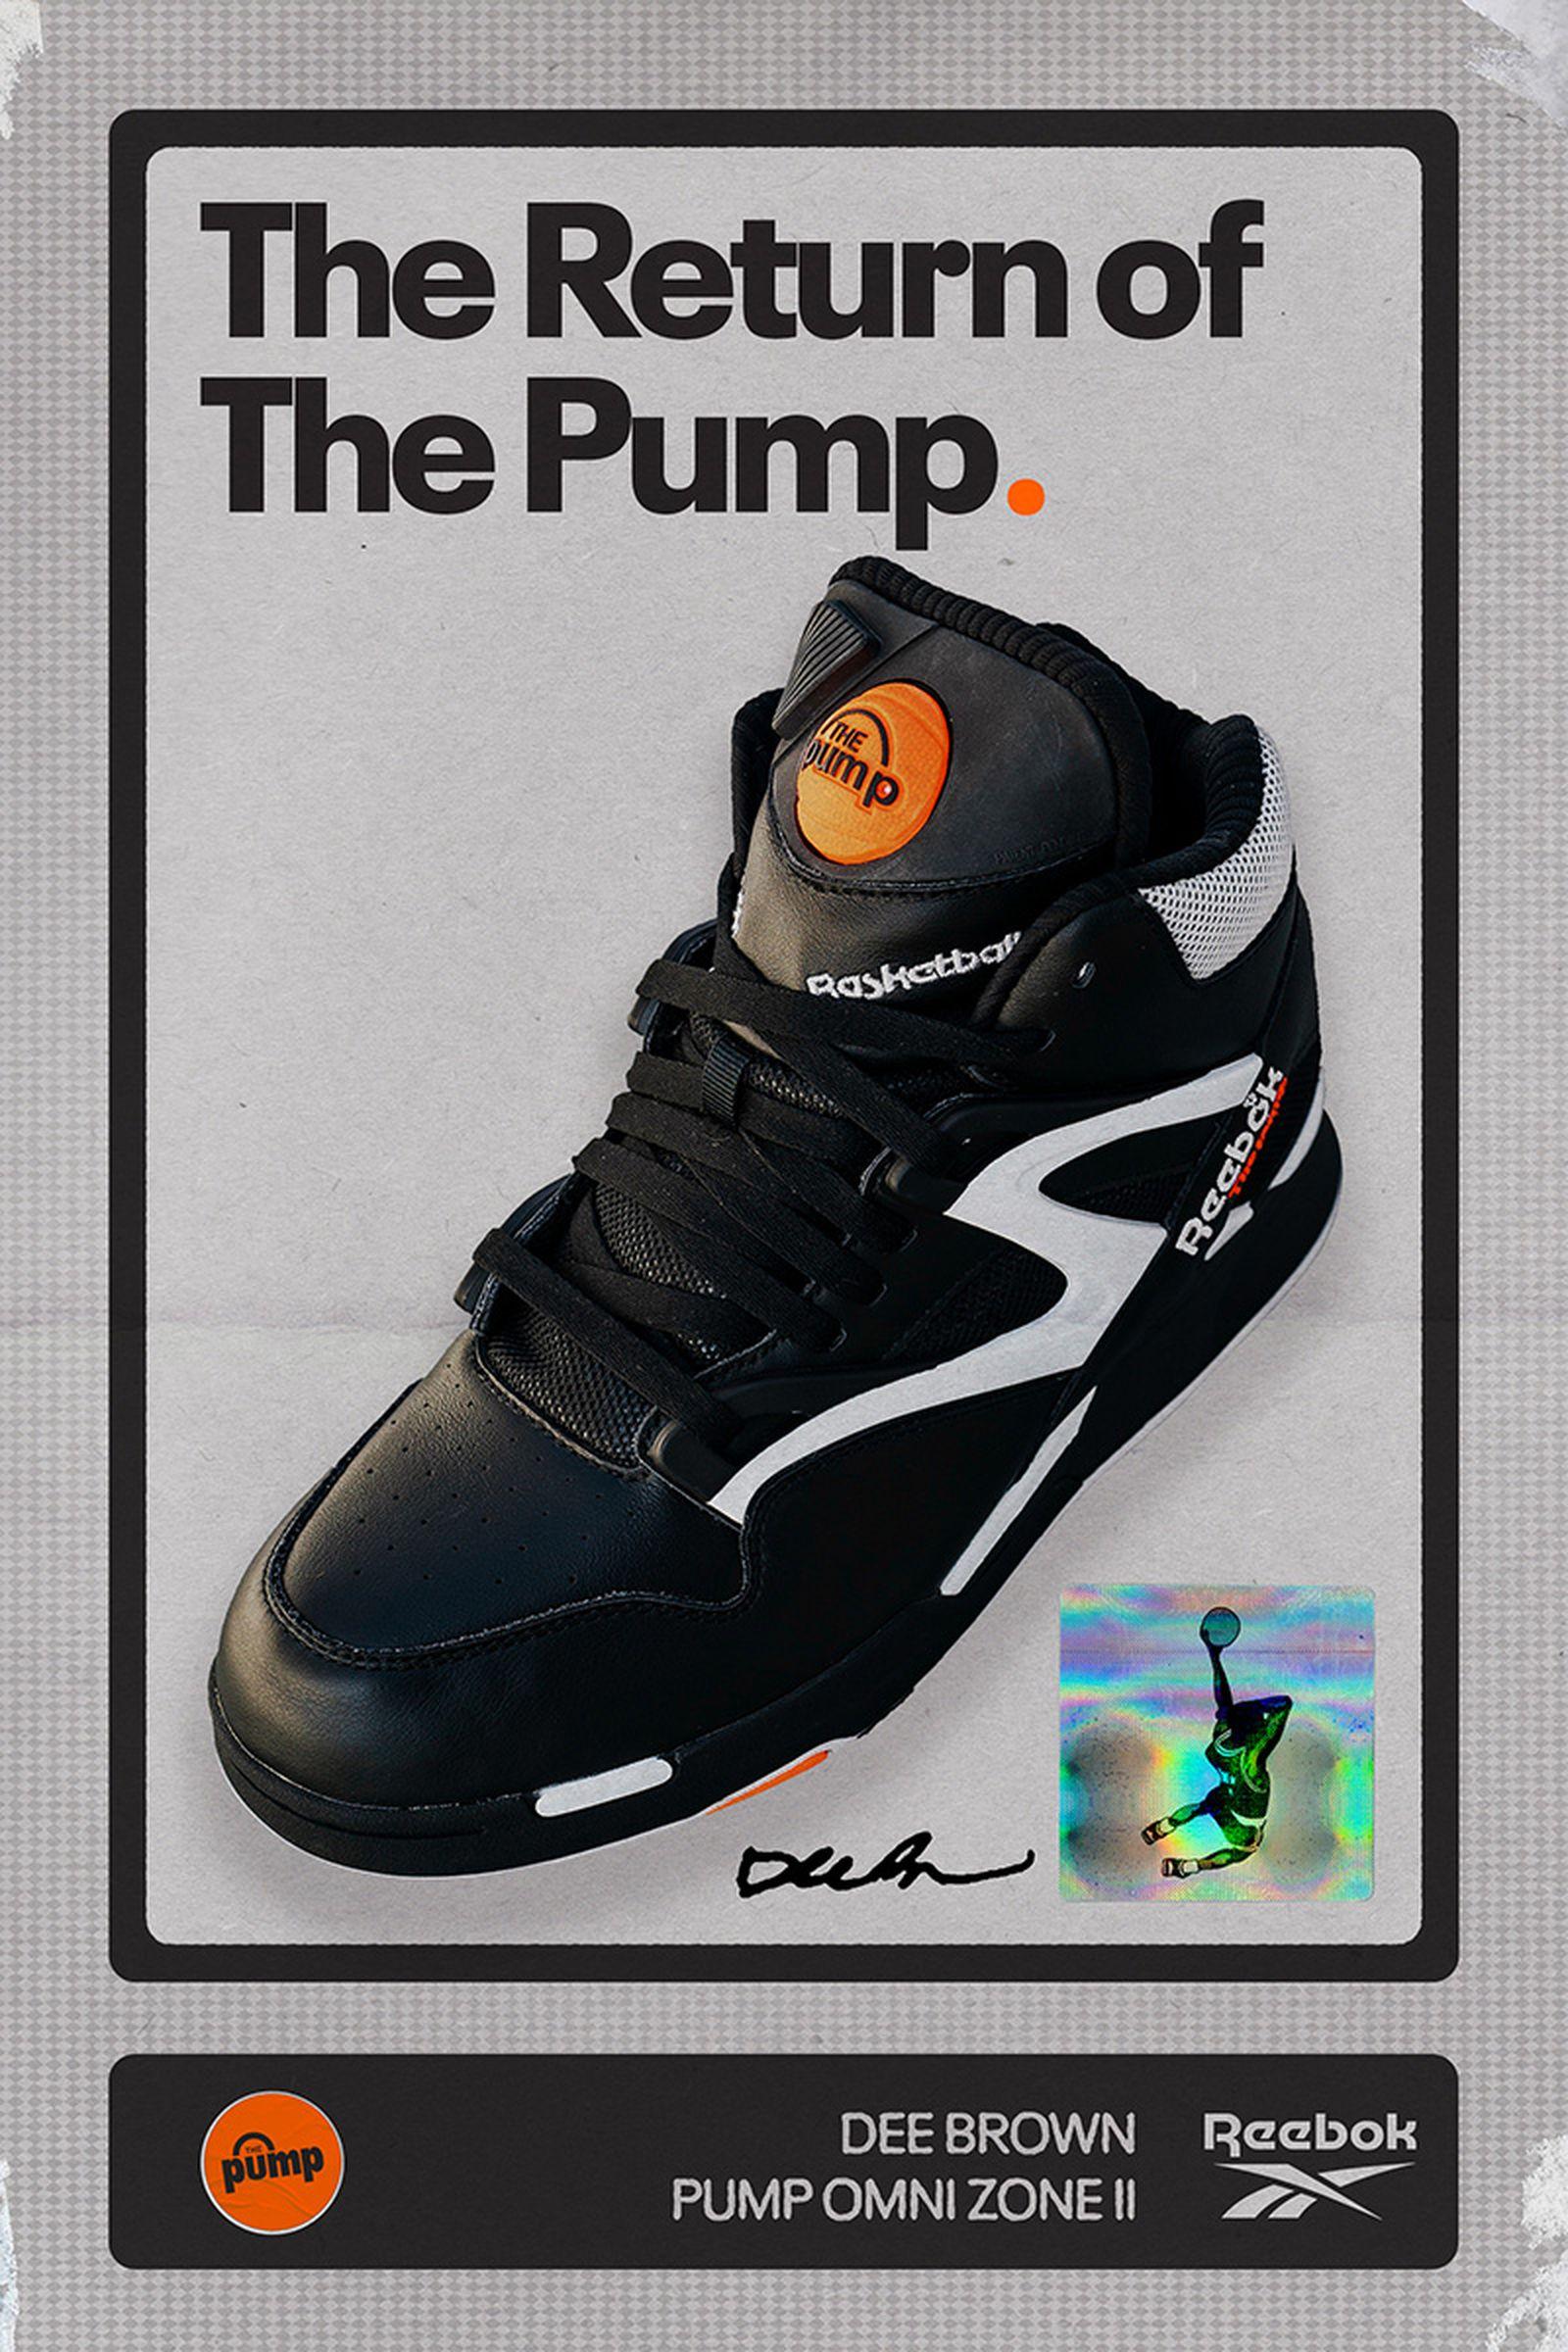 reebok-pump-omnizone-2-release-date-price-02